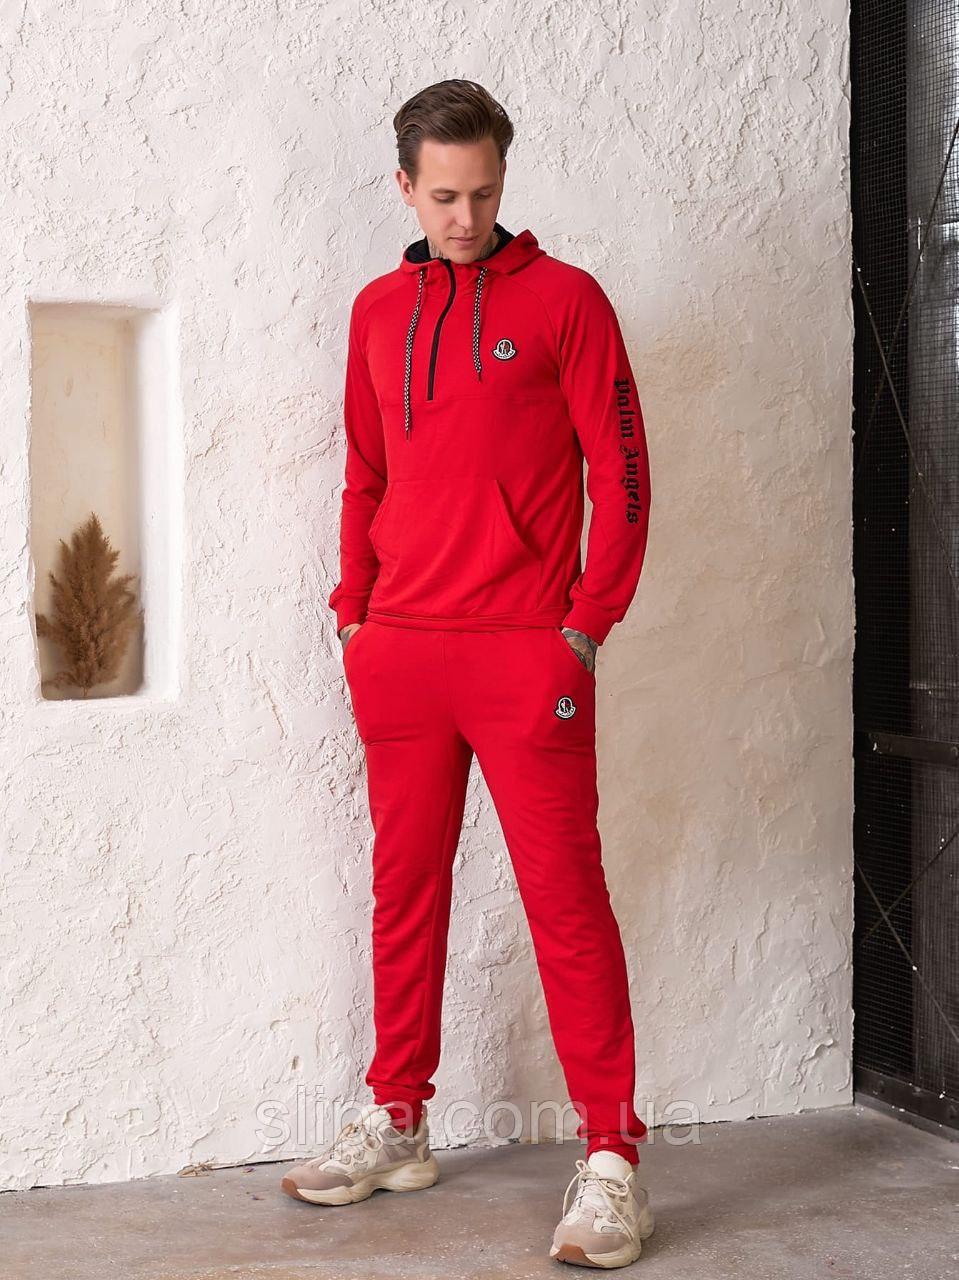 Чоловічий спортивний костюм Moncler, червоний